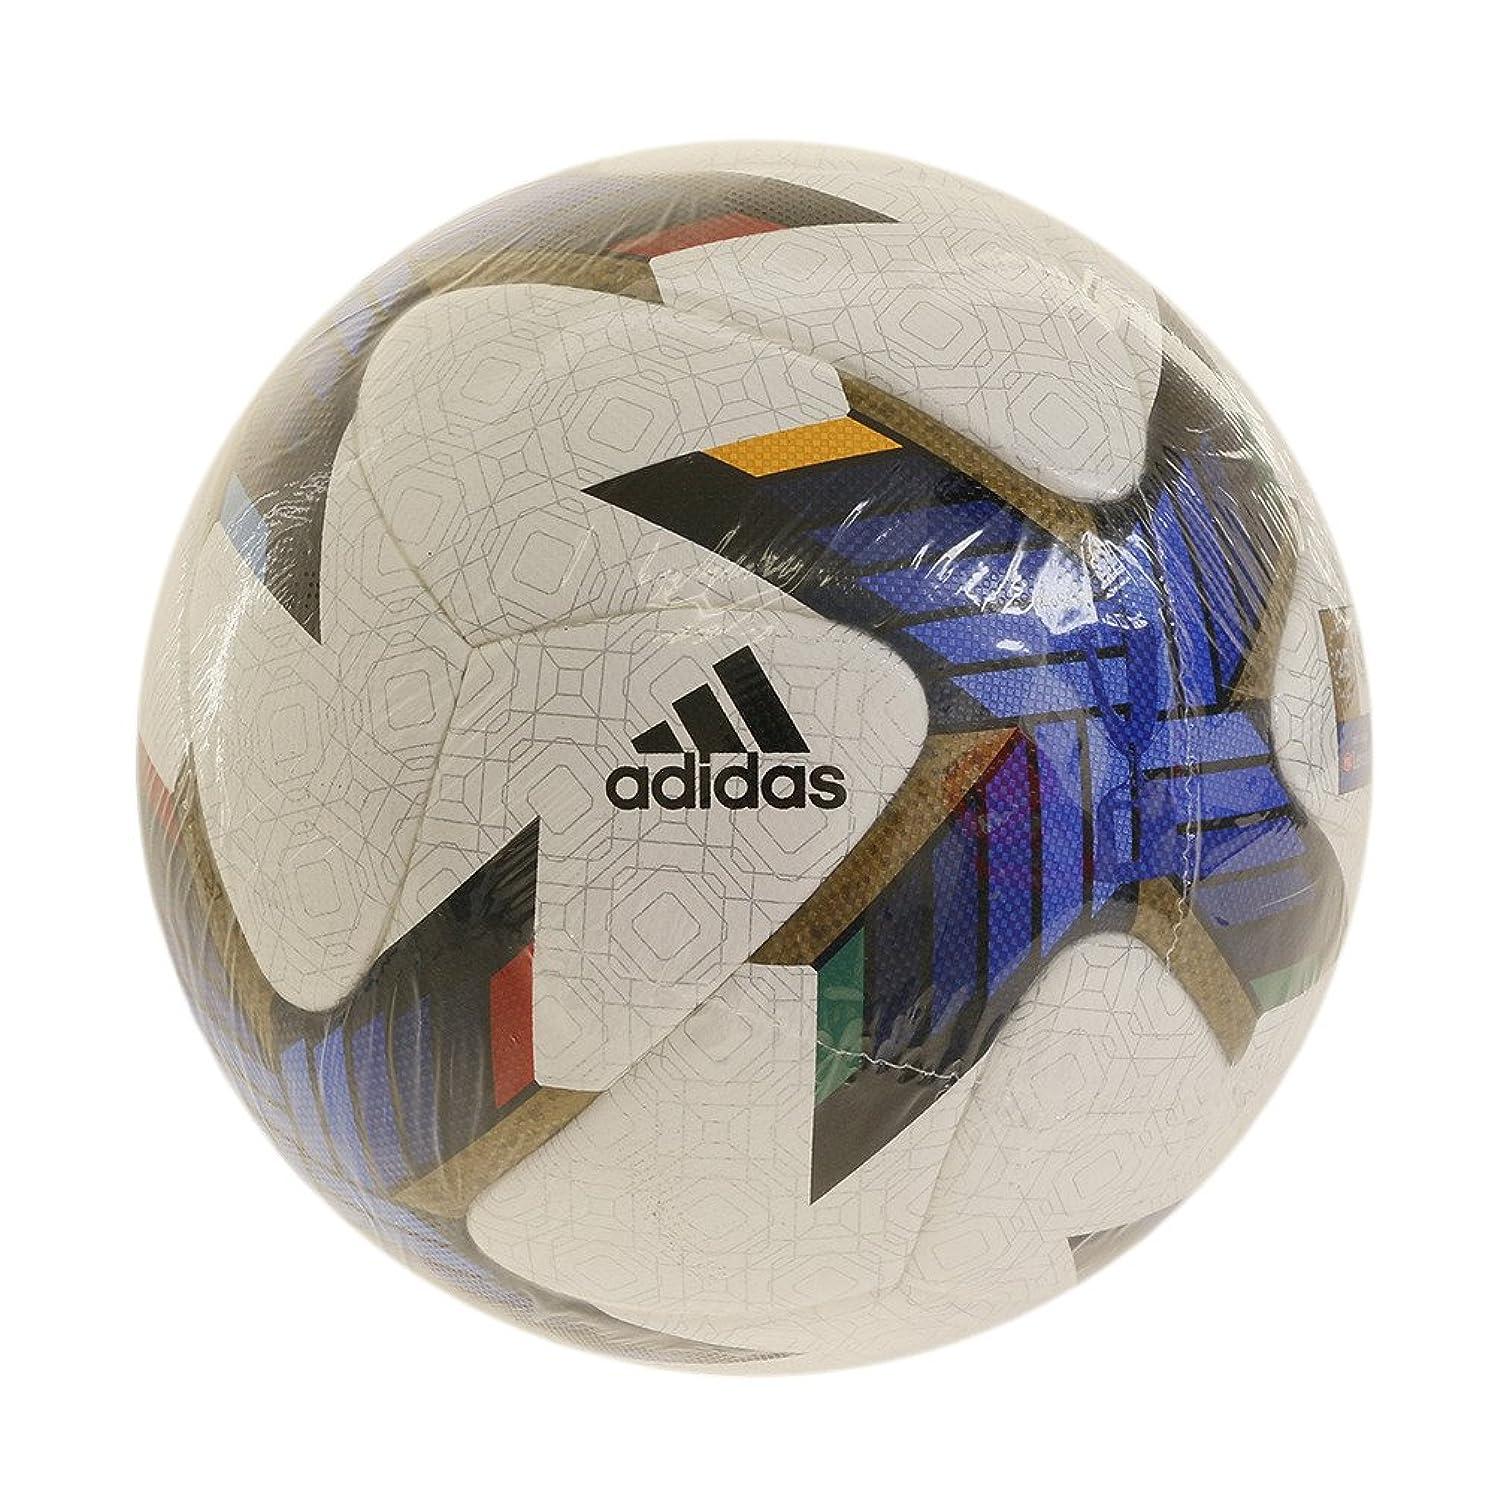 予防接種家庭マニアアディダス 17-18 ルヴァンカップ 公式試合球